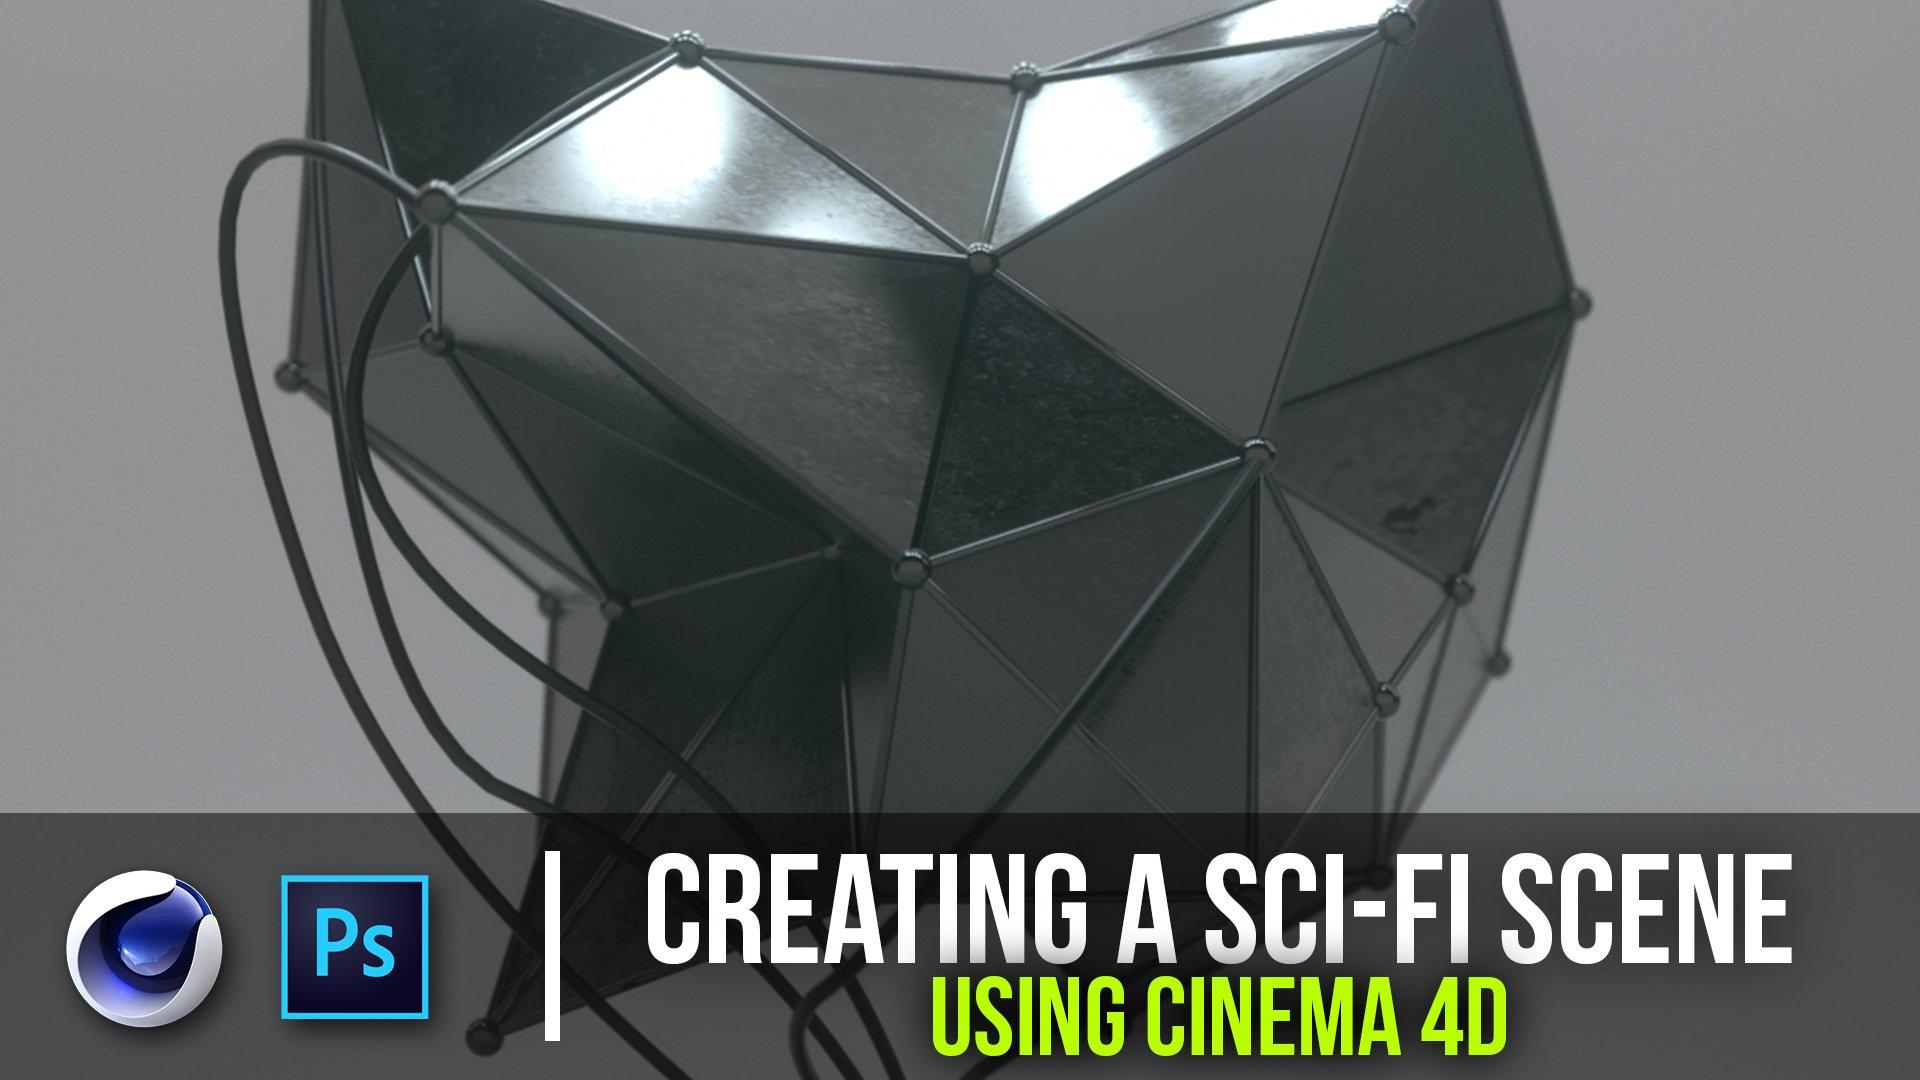 Creating a Sci-Fi Sculpture Using Cinema 4D